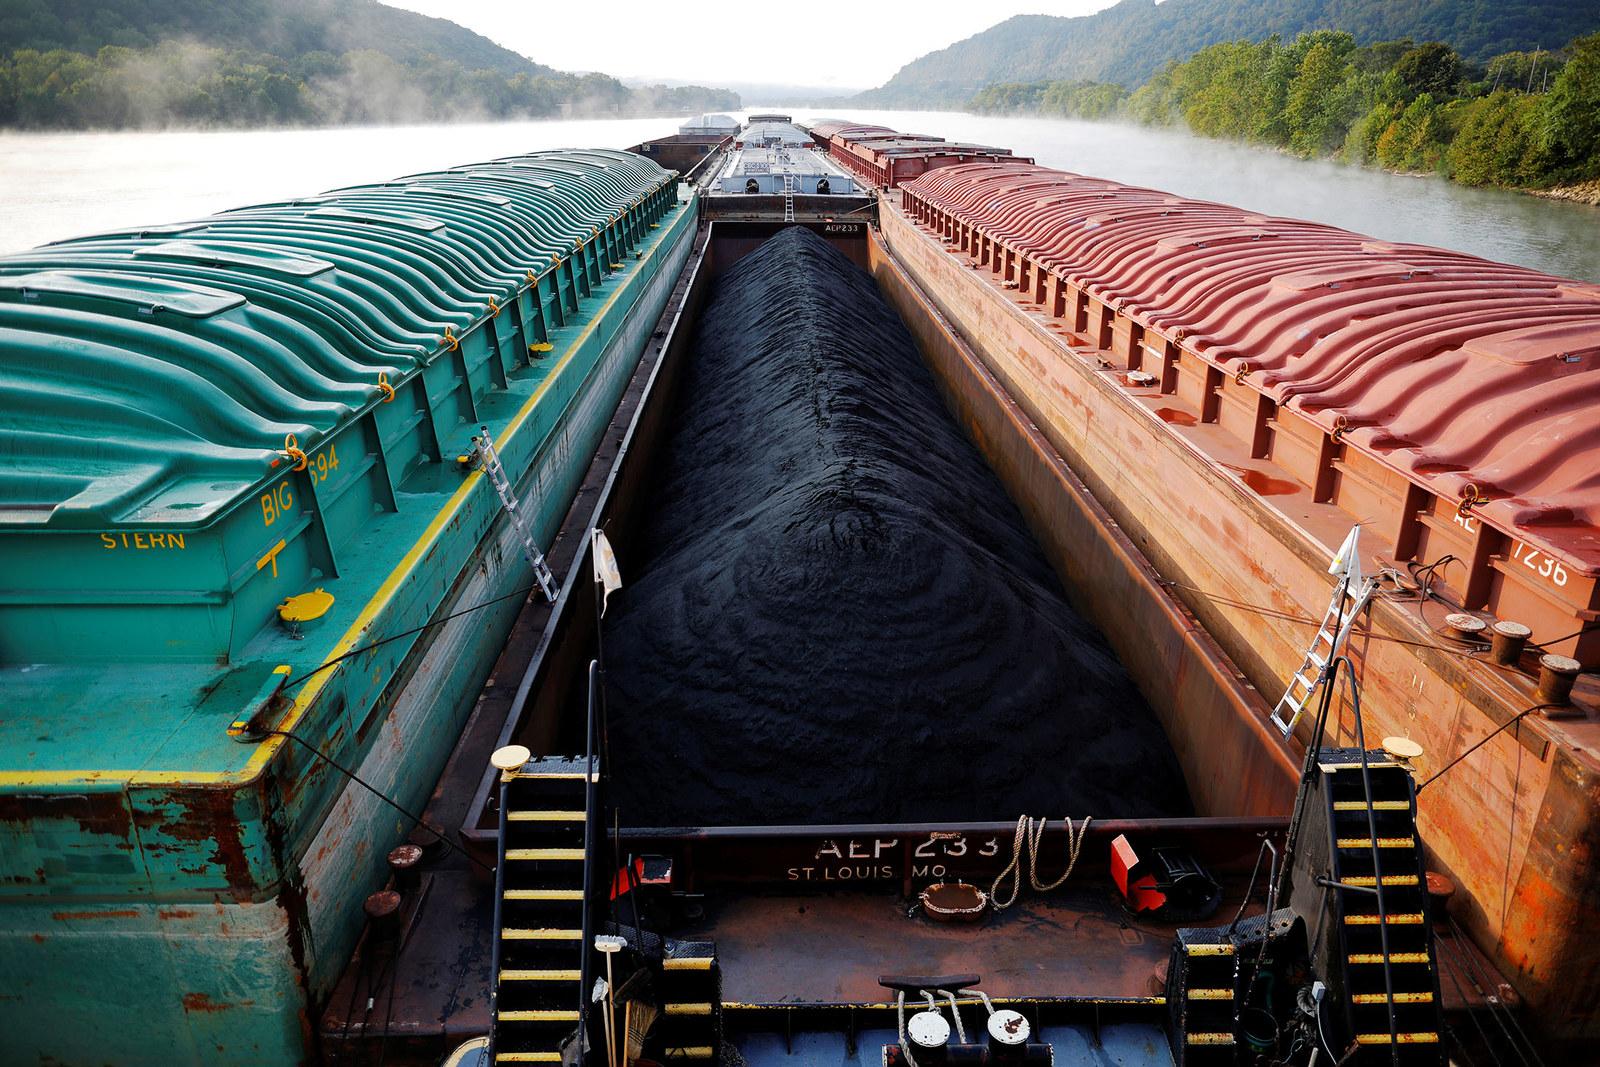 Короткая и интересная фотоистория Reuters о трудностях, с которыми сталкиваются экипажи старых барж